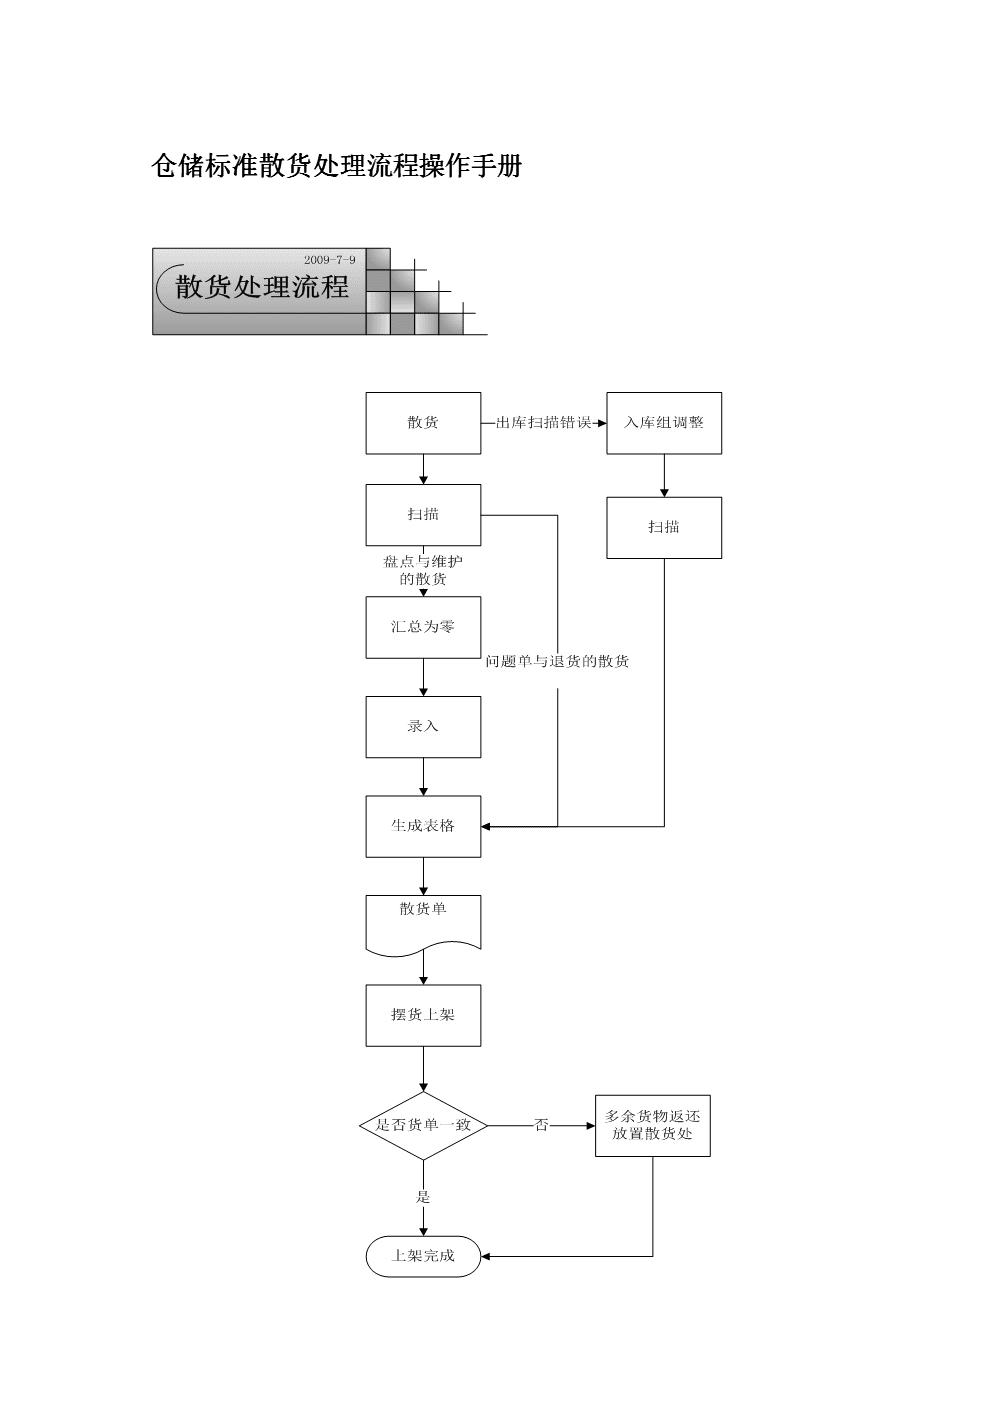 仓储标准散货处理流程操作手册.doc